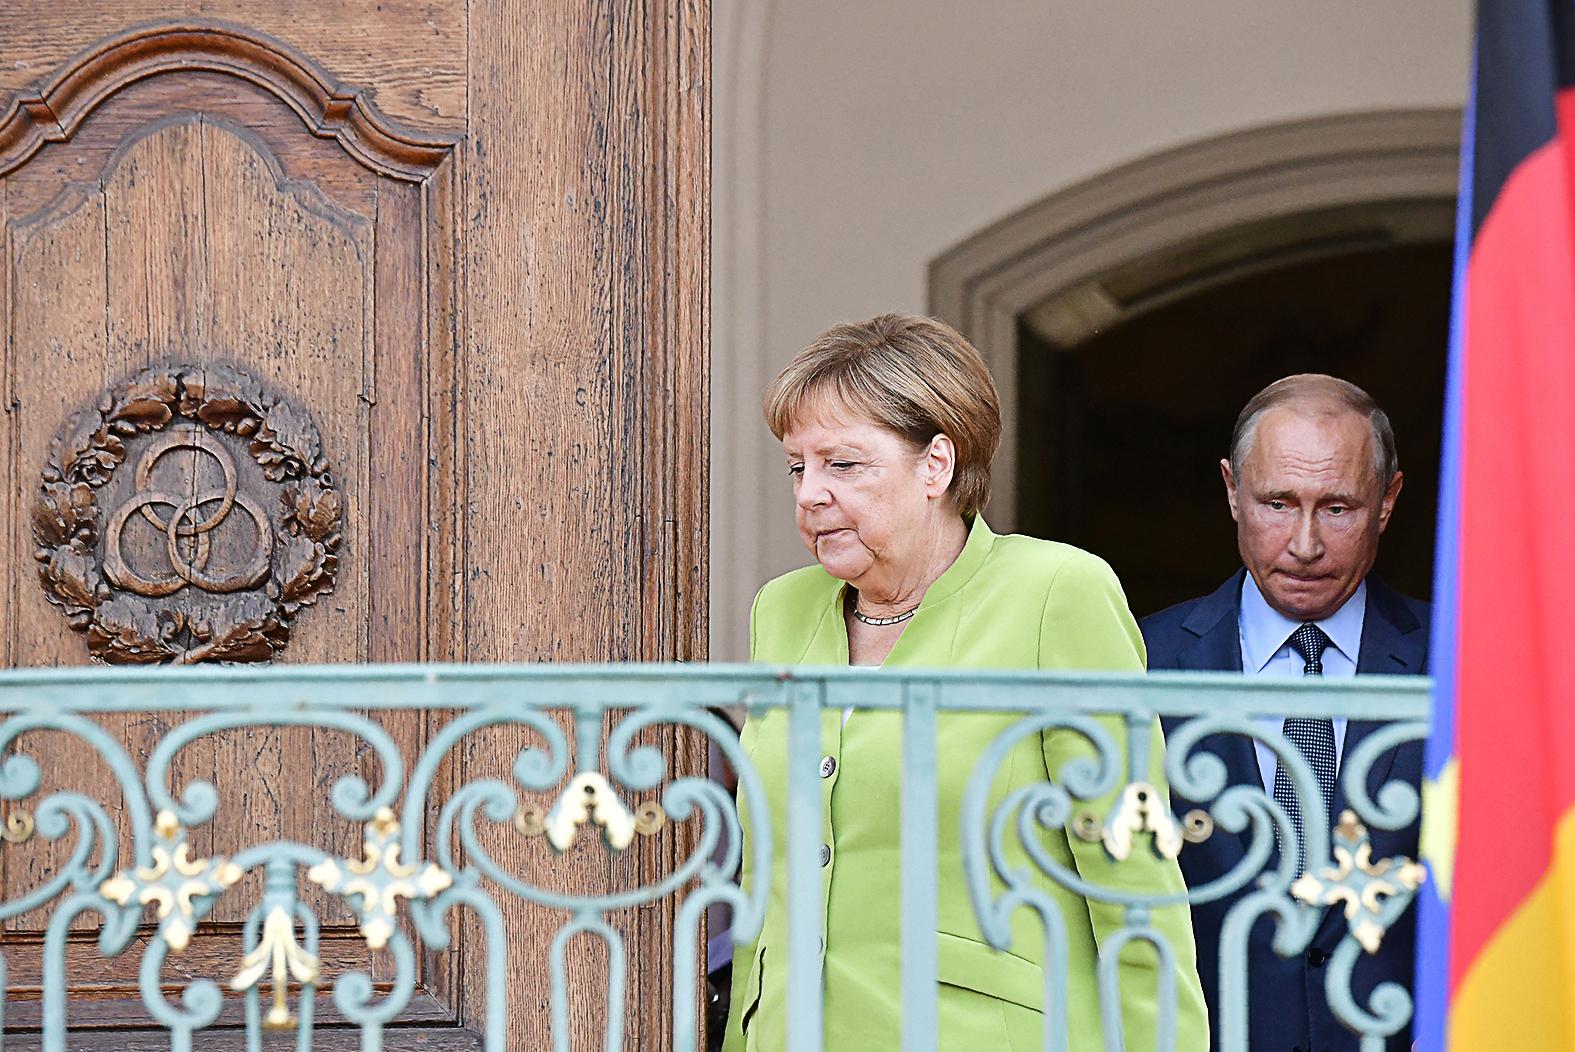 Angela Merkel és Vlagyimir Putyin találkozója a németországi Meseberg-ben 2018-ban #moszkvater